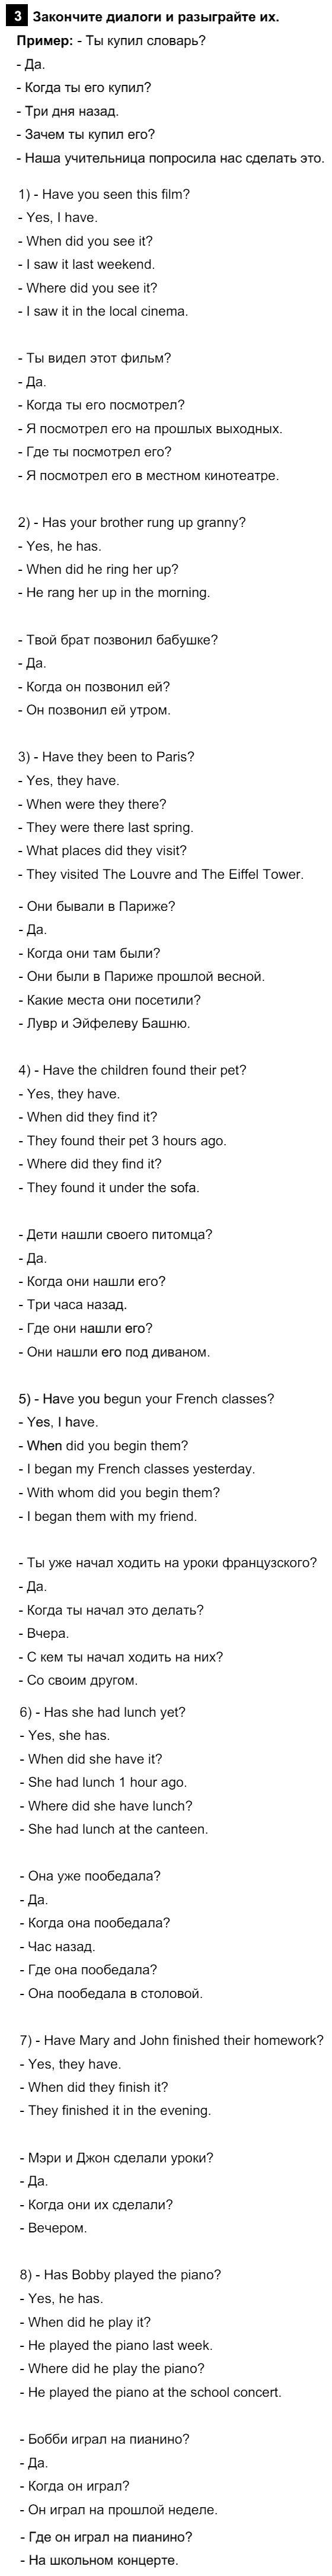 Английский язык 7 класс Афанасьева О. В. Unit 3. Несколько фактов об англоговорящем мире / Шаг 6: 3